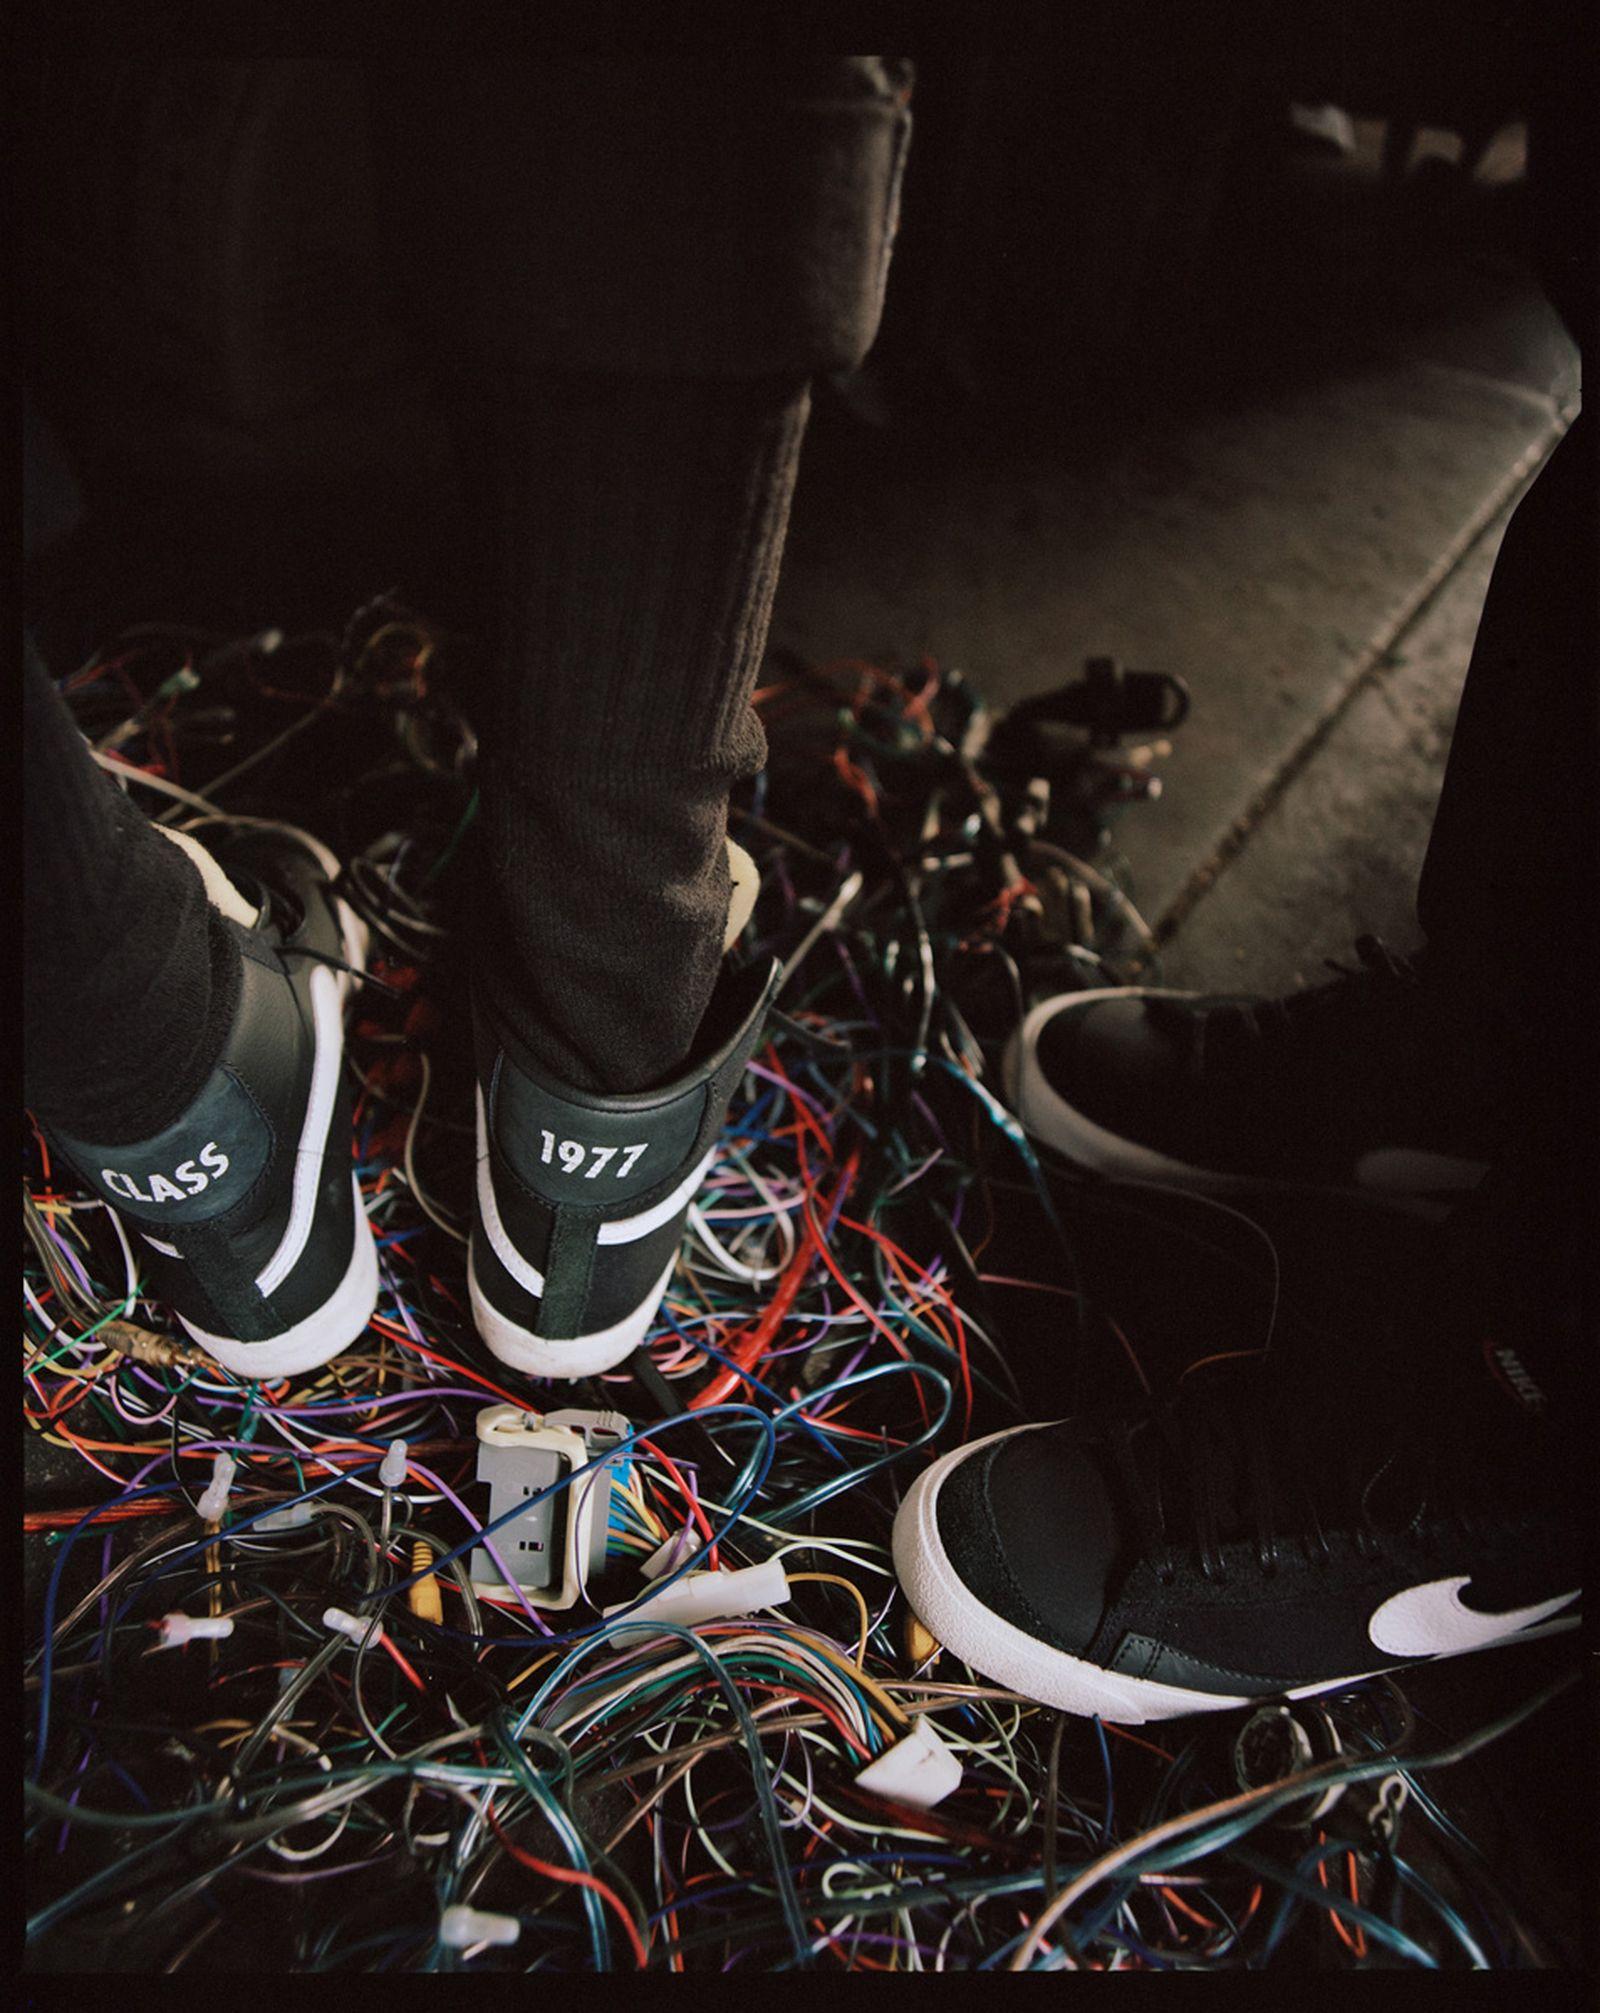 Slam Jam x Nike Blazer Mid Class '77